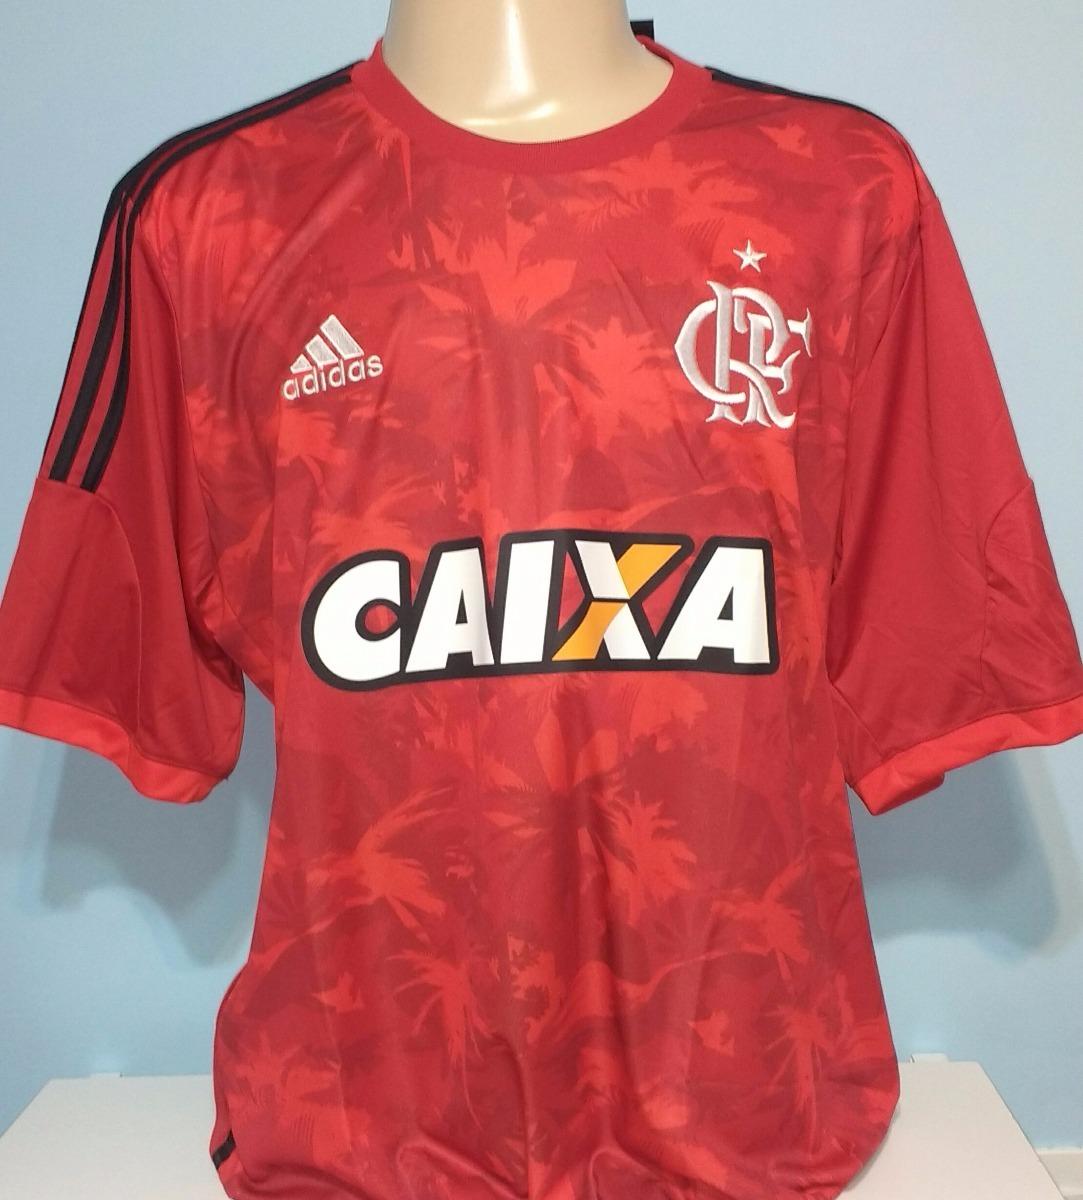 6919e5b128 camisa flamengo 2014 flamengueira original 100% adidas - 18. Carregando  zoom.